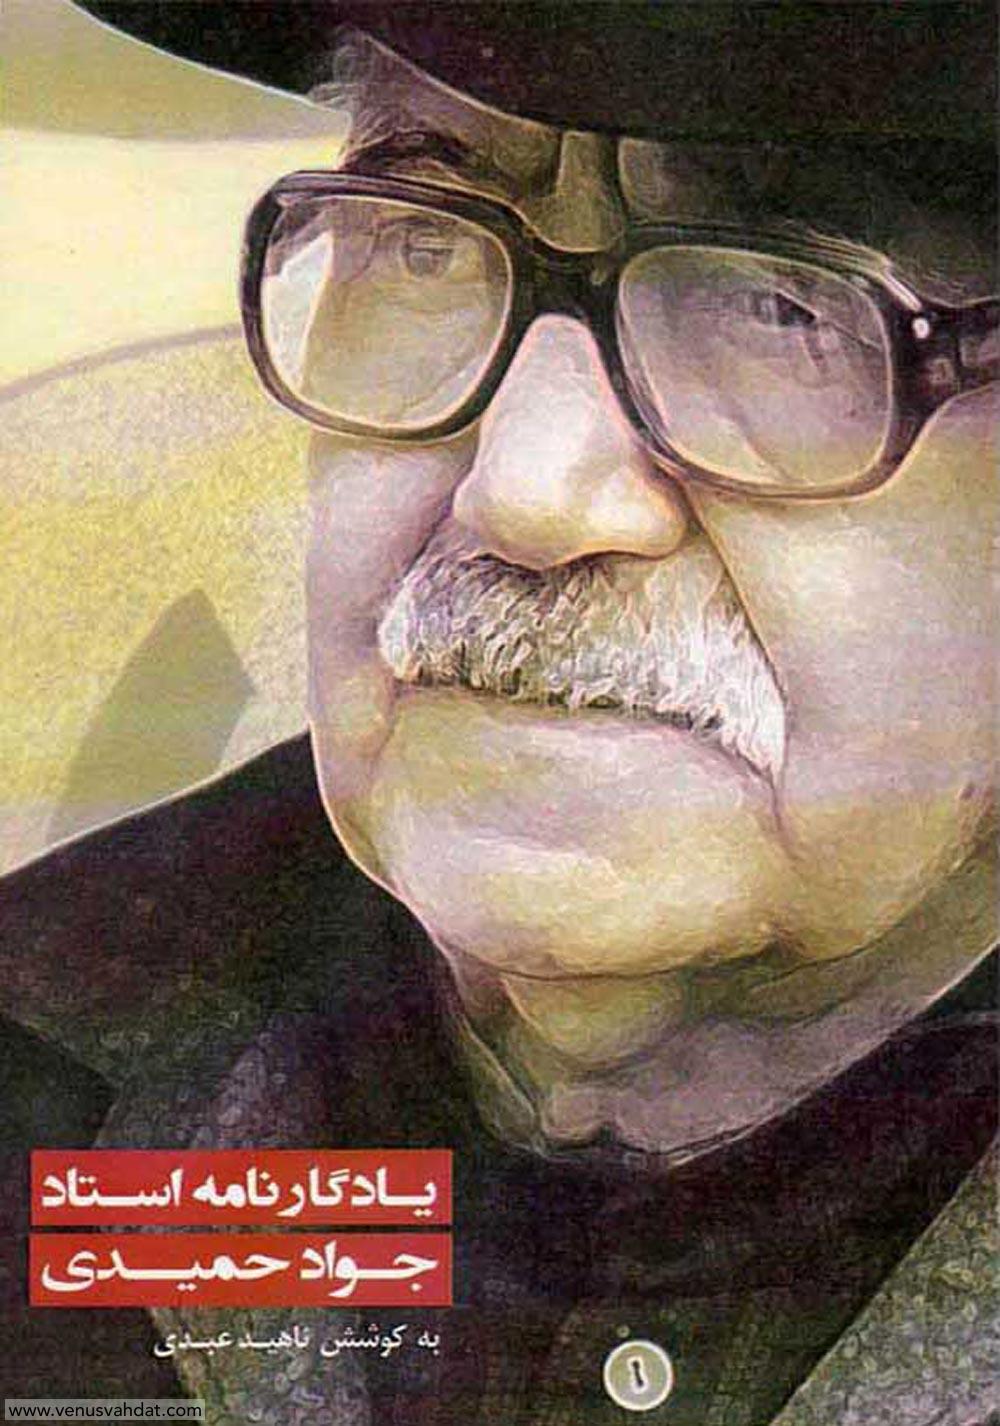 Memorial Book of Dr. Javad Hamidi